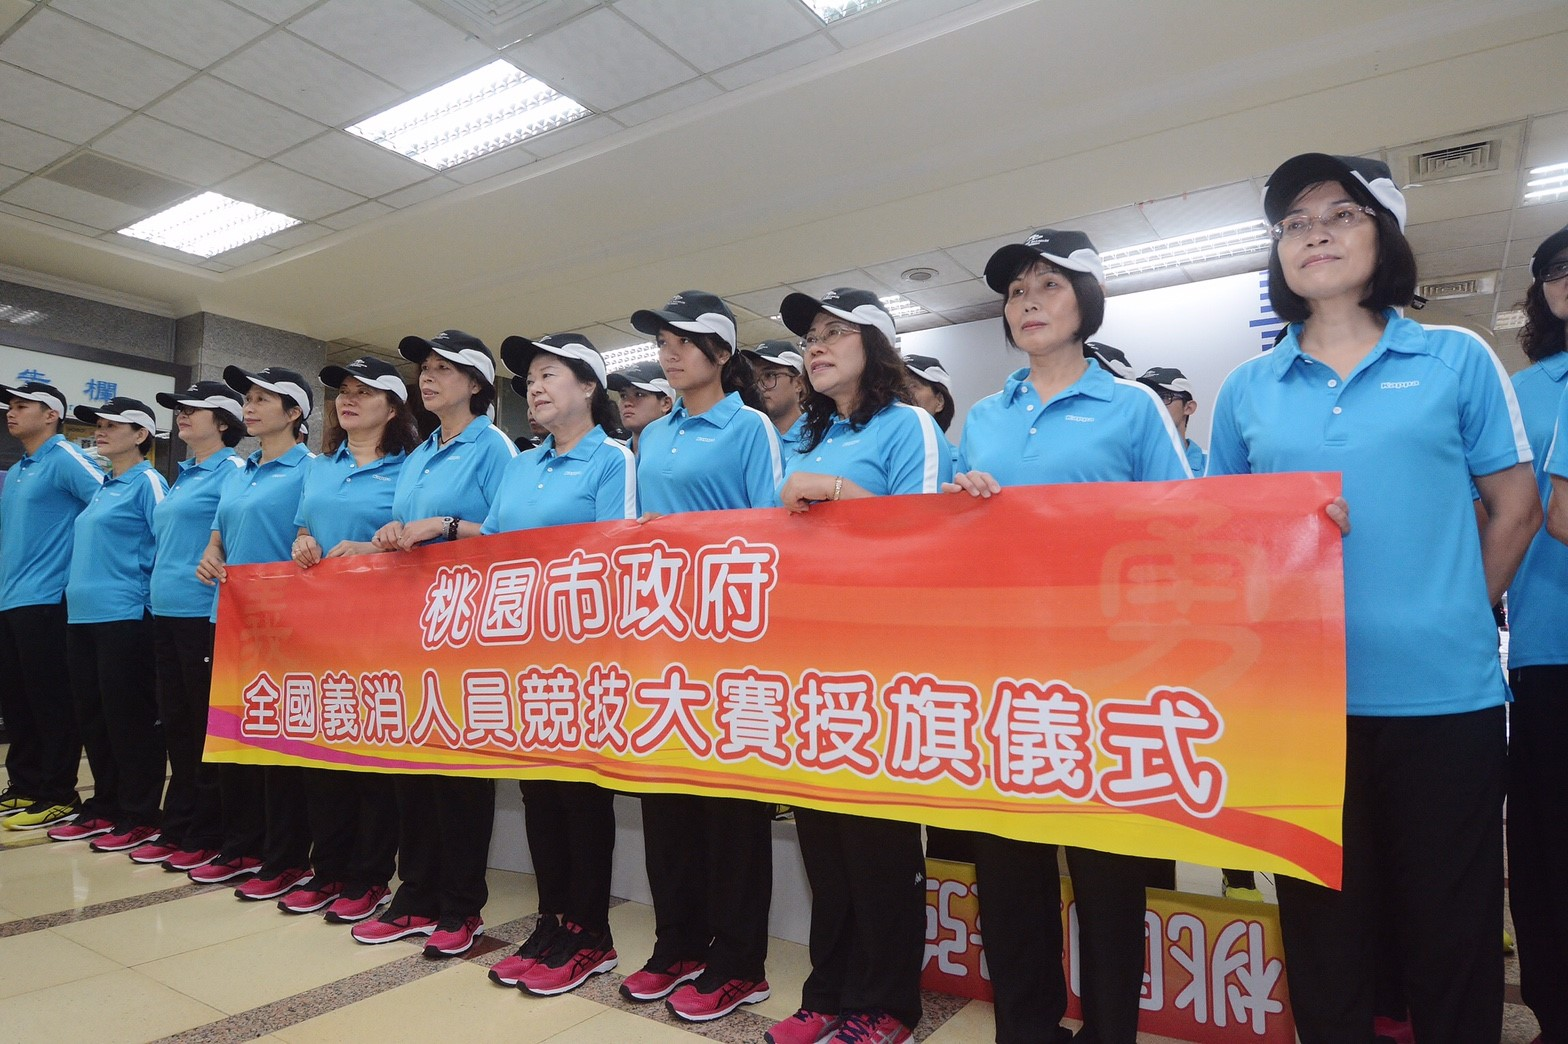 參加全國消防暨義勇消防人員競技大賽的婦宣大隊成員